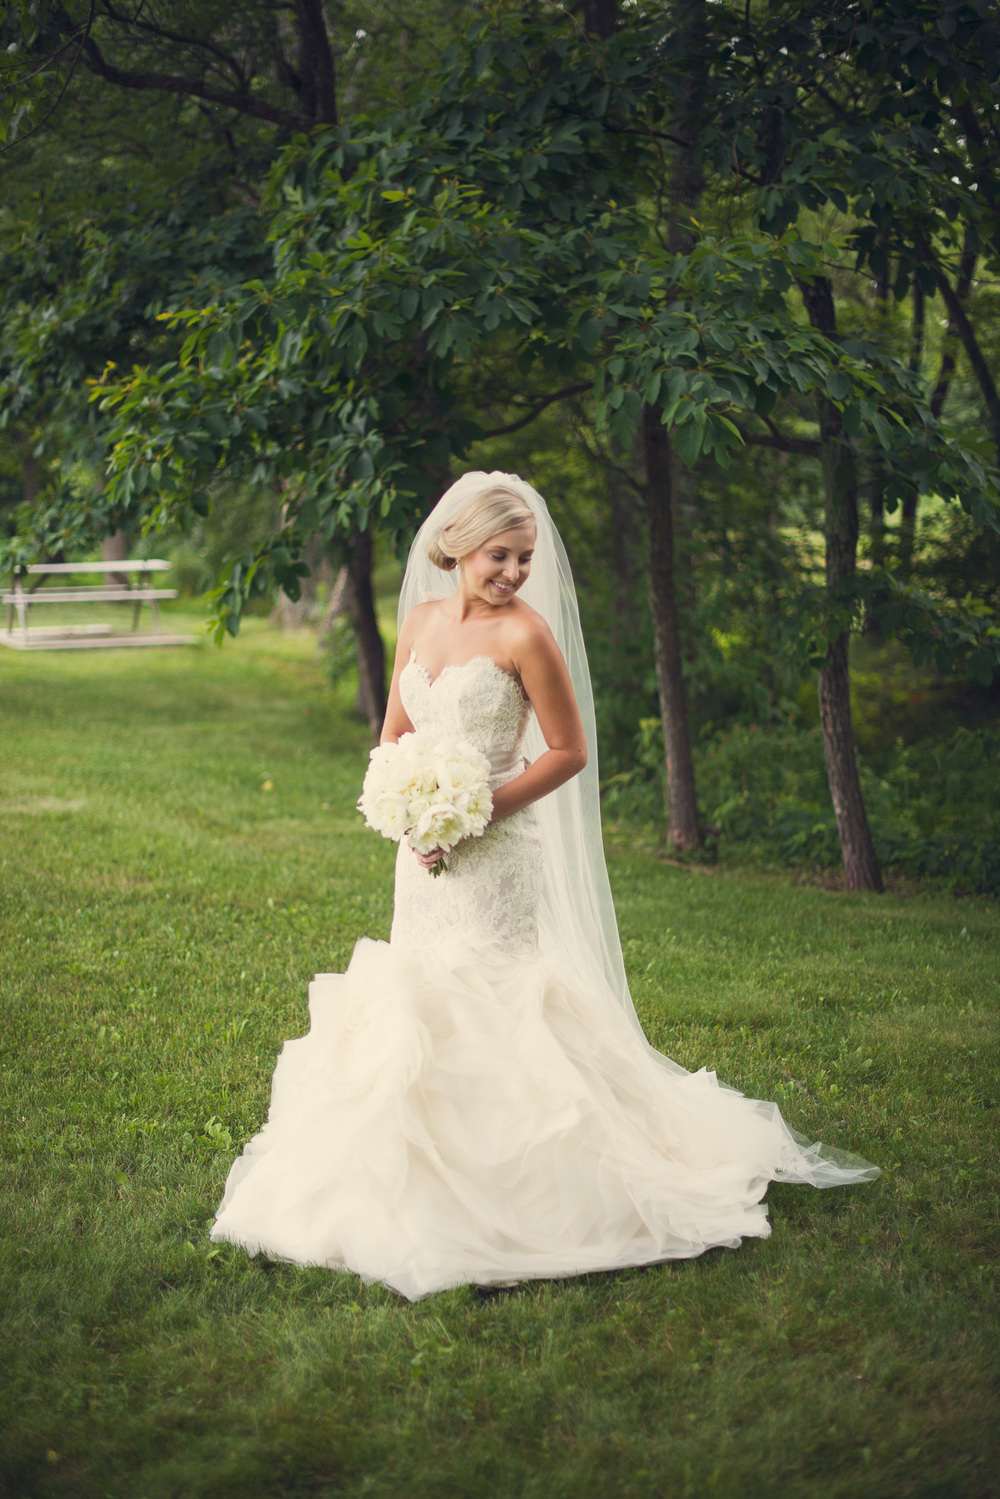 bride portrait dress lace veil forest